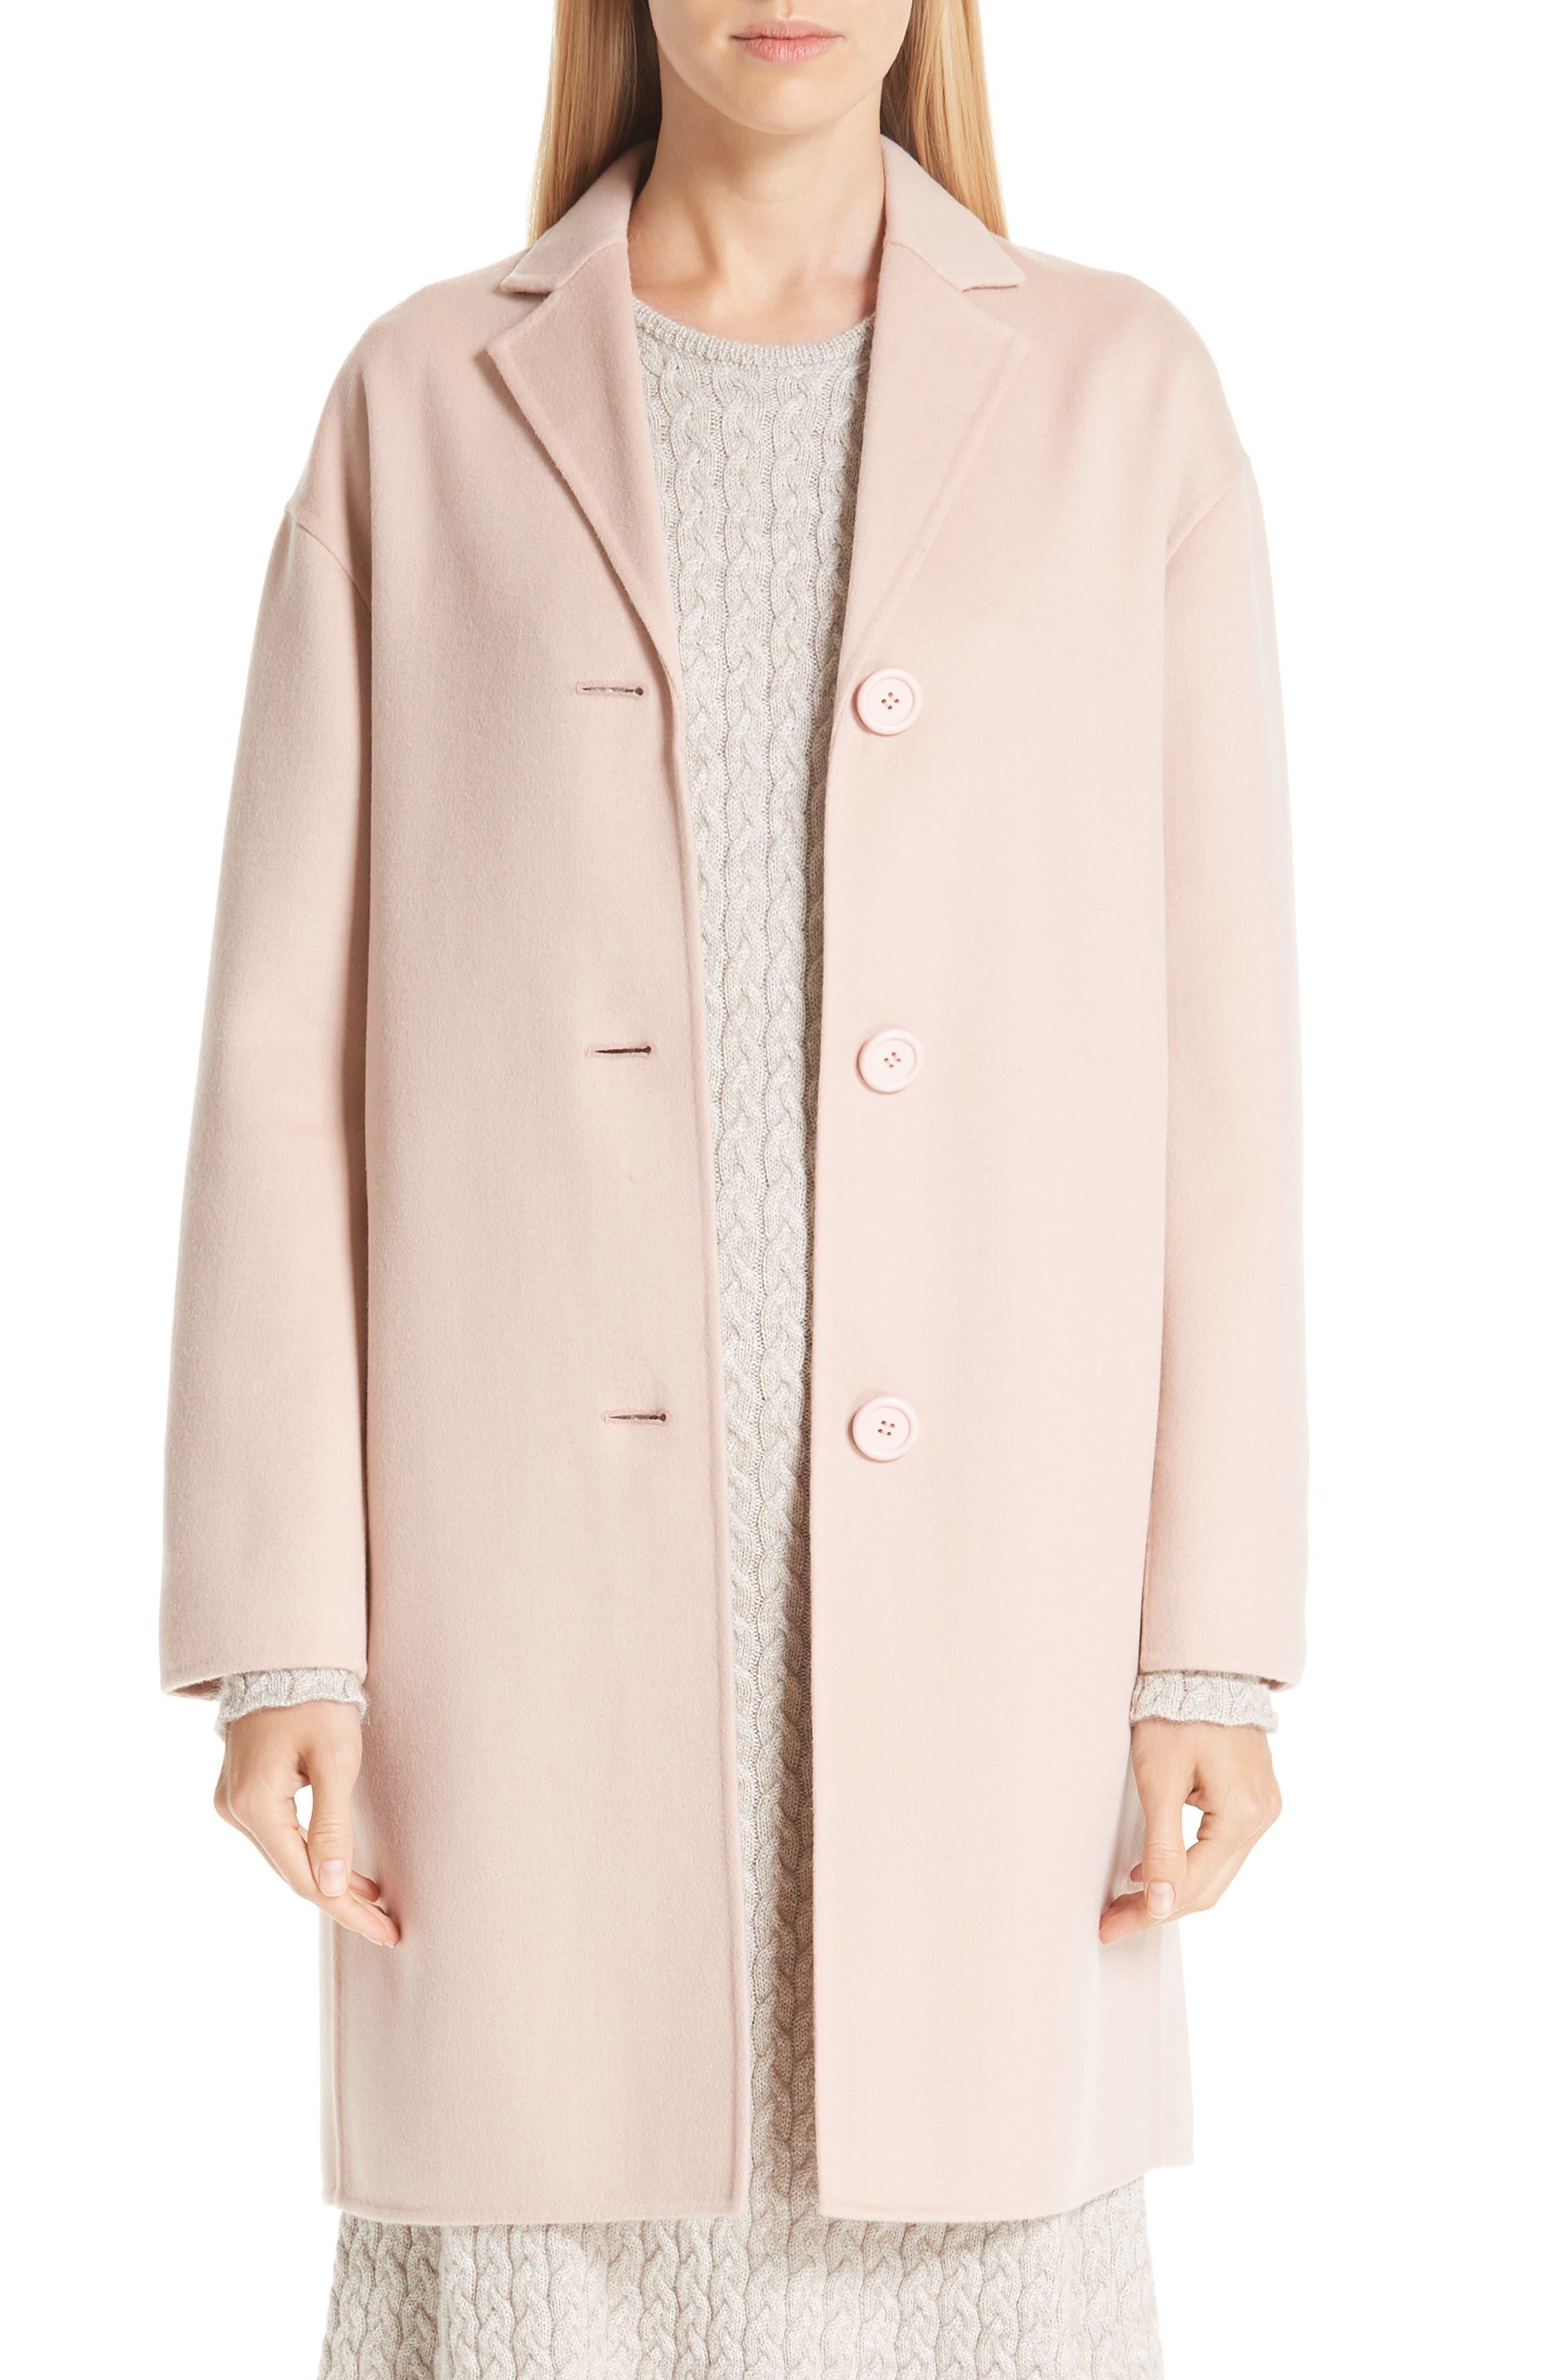 MANSUR GAVRIEL, Wool & Cashmere Coat, Main thumbnail 1, color, 650